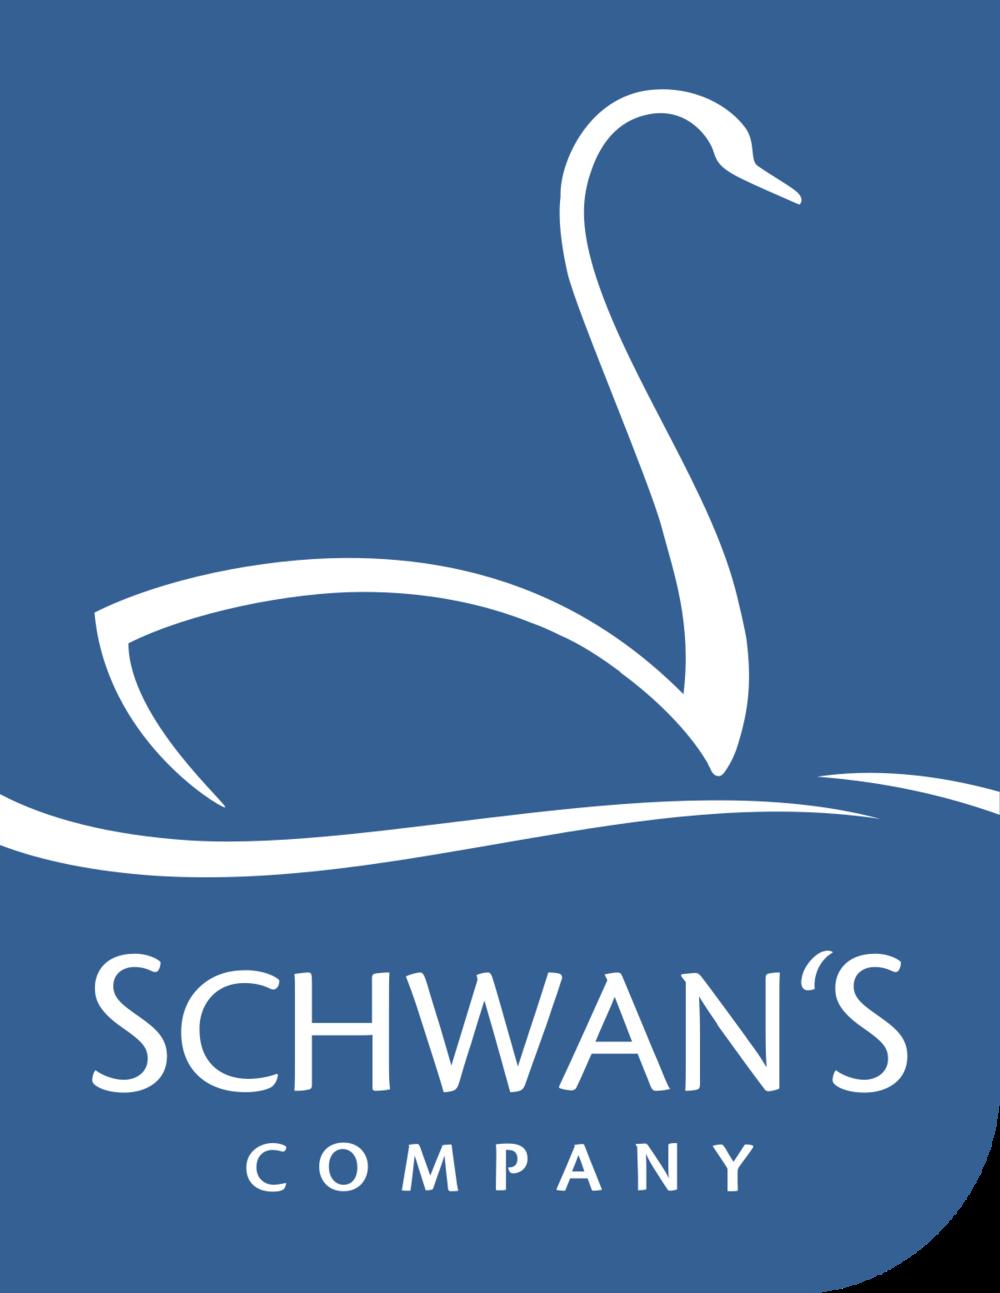 Schwans.png